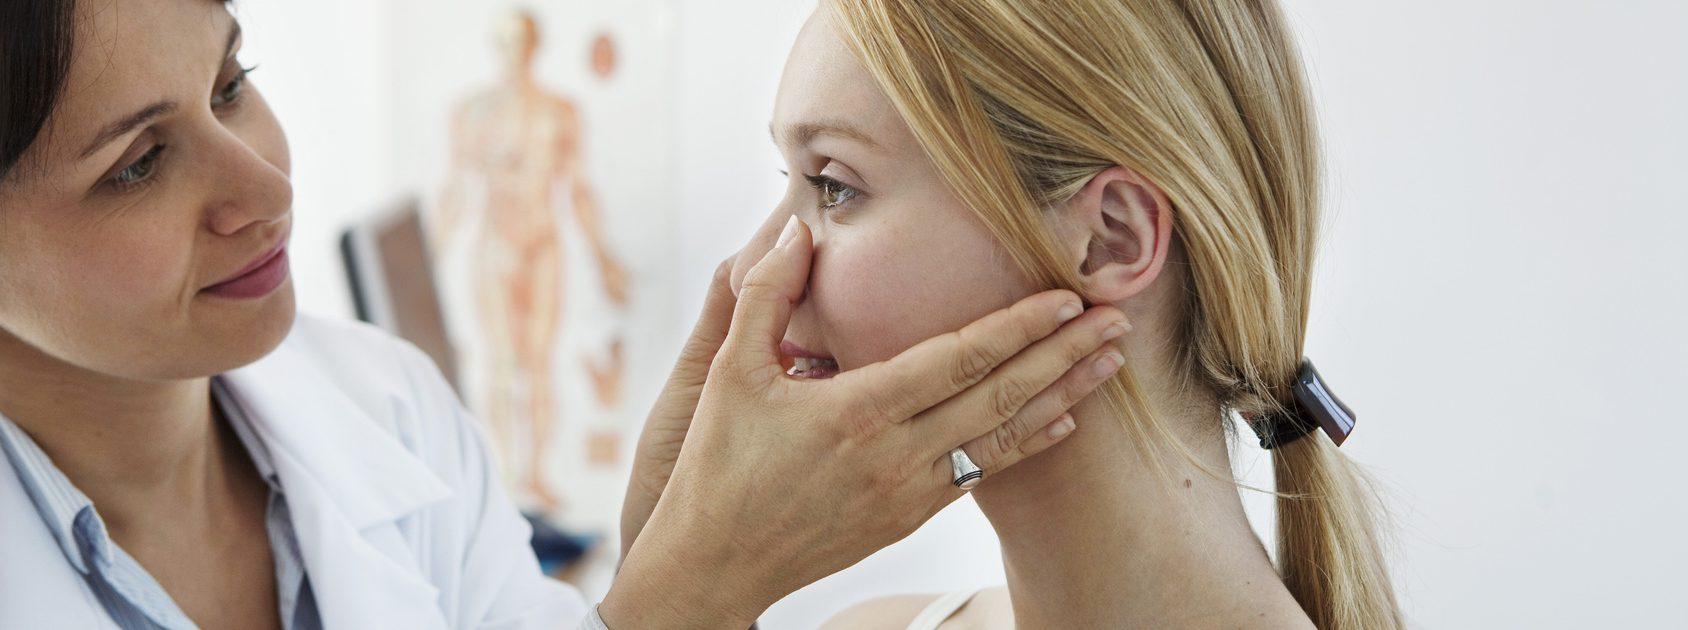 Frau mit akuten Sinusitis-Anzeichen lässt sich beim Arzt untersuchen